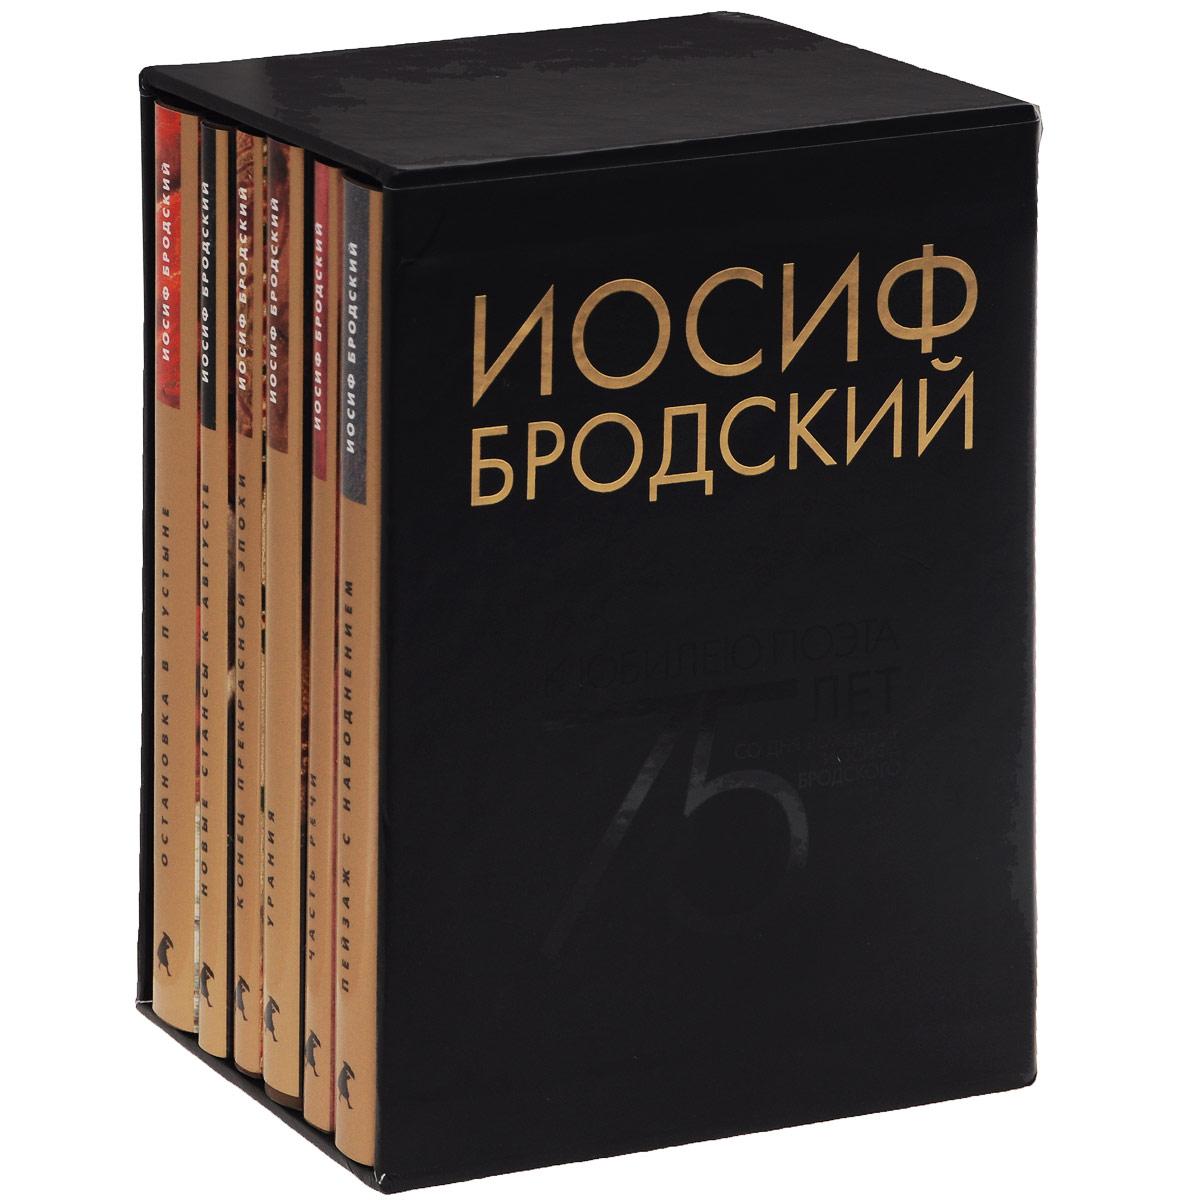 Иосиф Бродский Иосиф Бродский. Собрание сочинений (комплект из 6 книг)